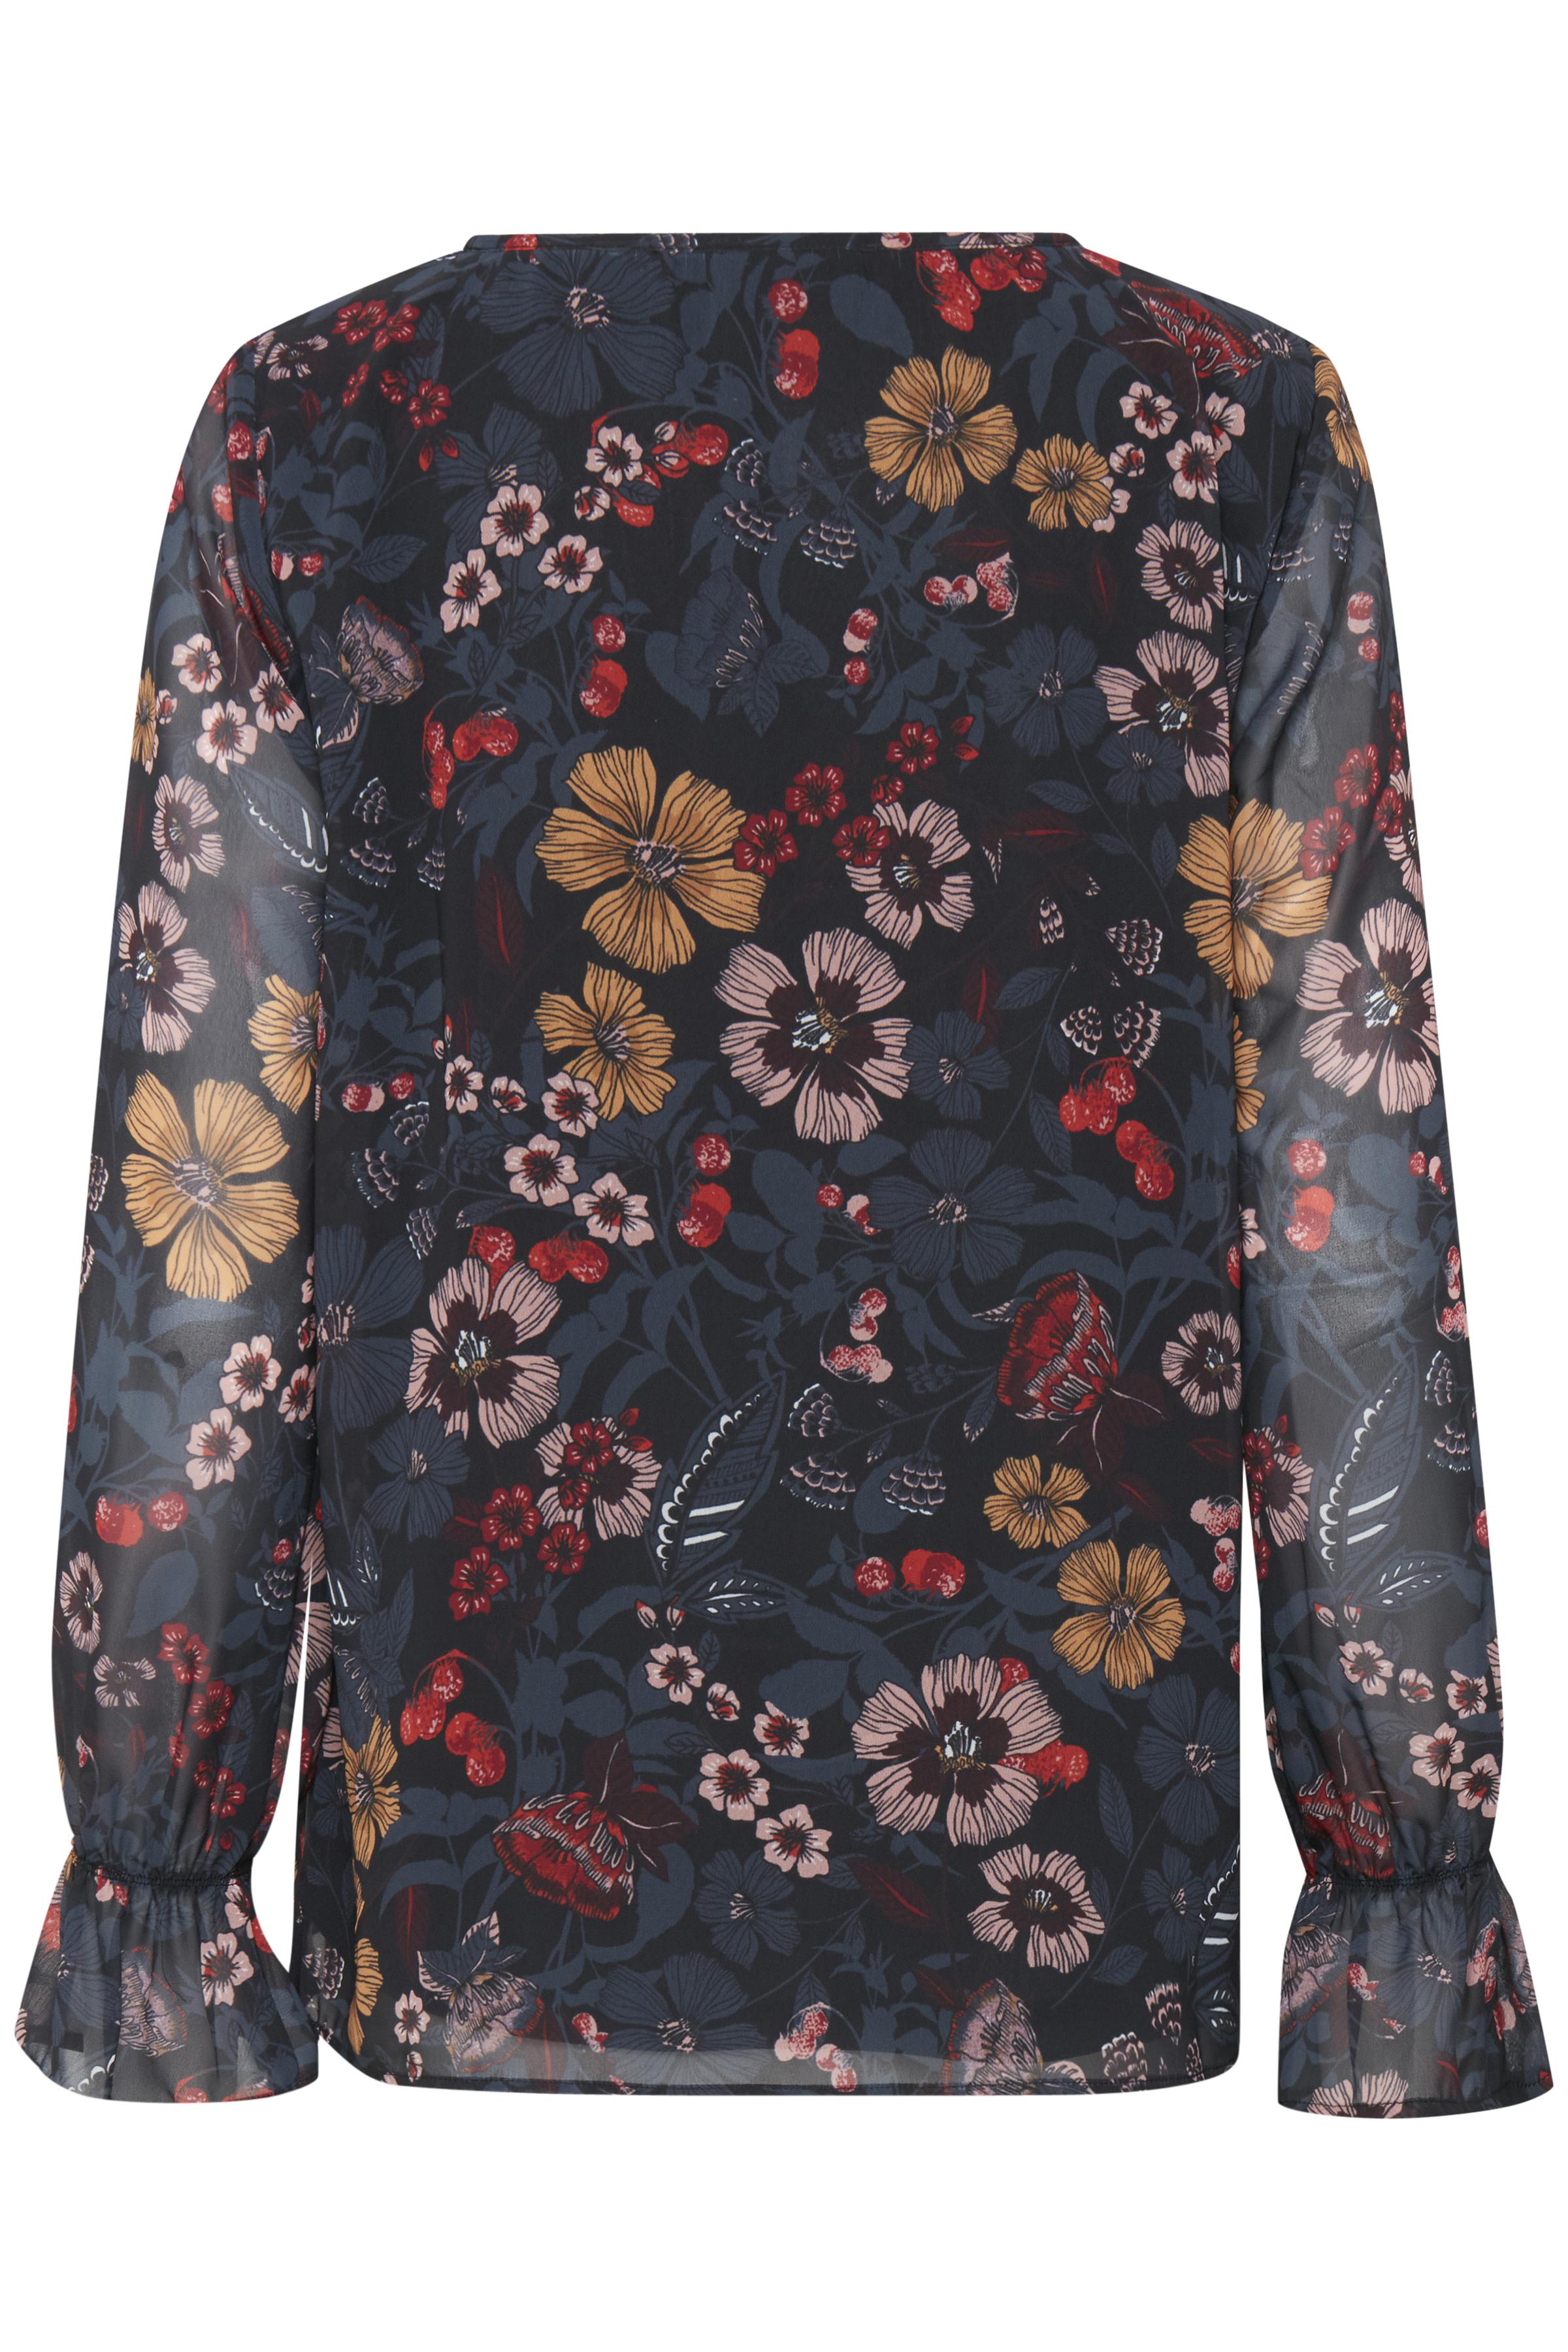 Black COMBI 1 print Langærmet bluse fra b.young – Køb Black COMBI 1 print Langærmet bluse fra str. 36-46 her